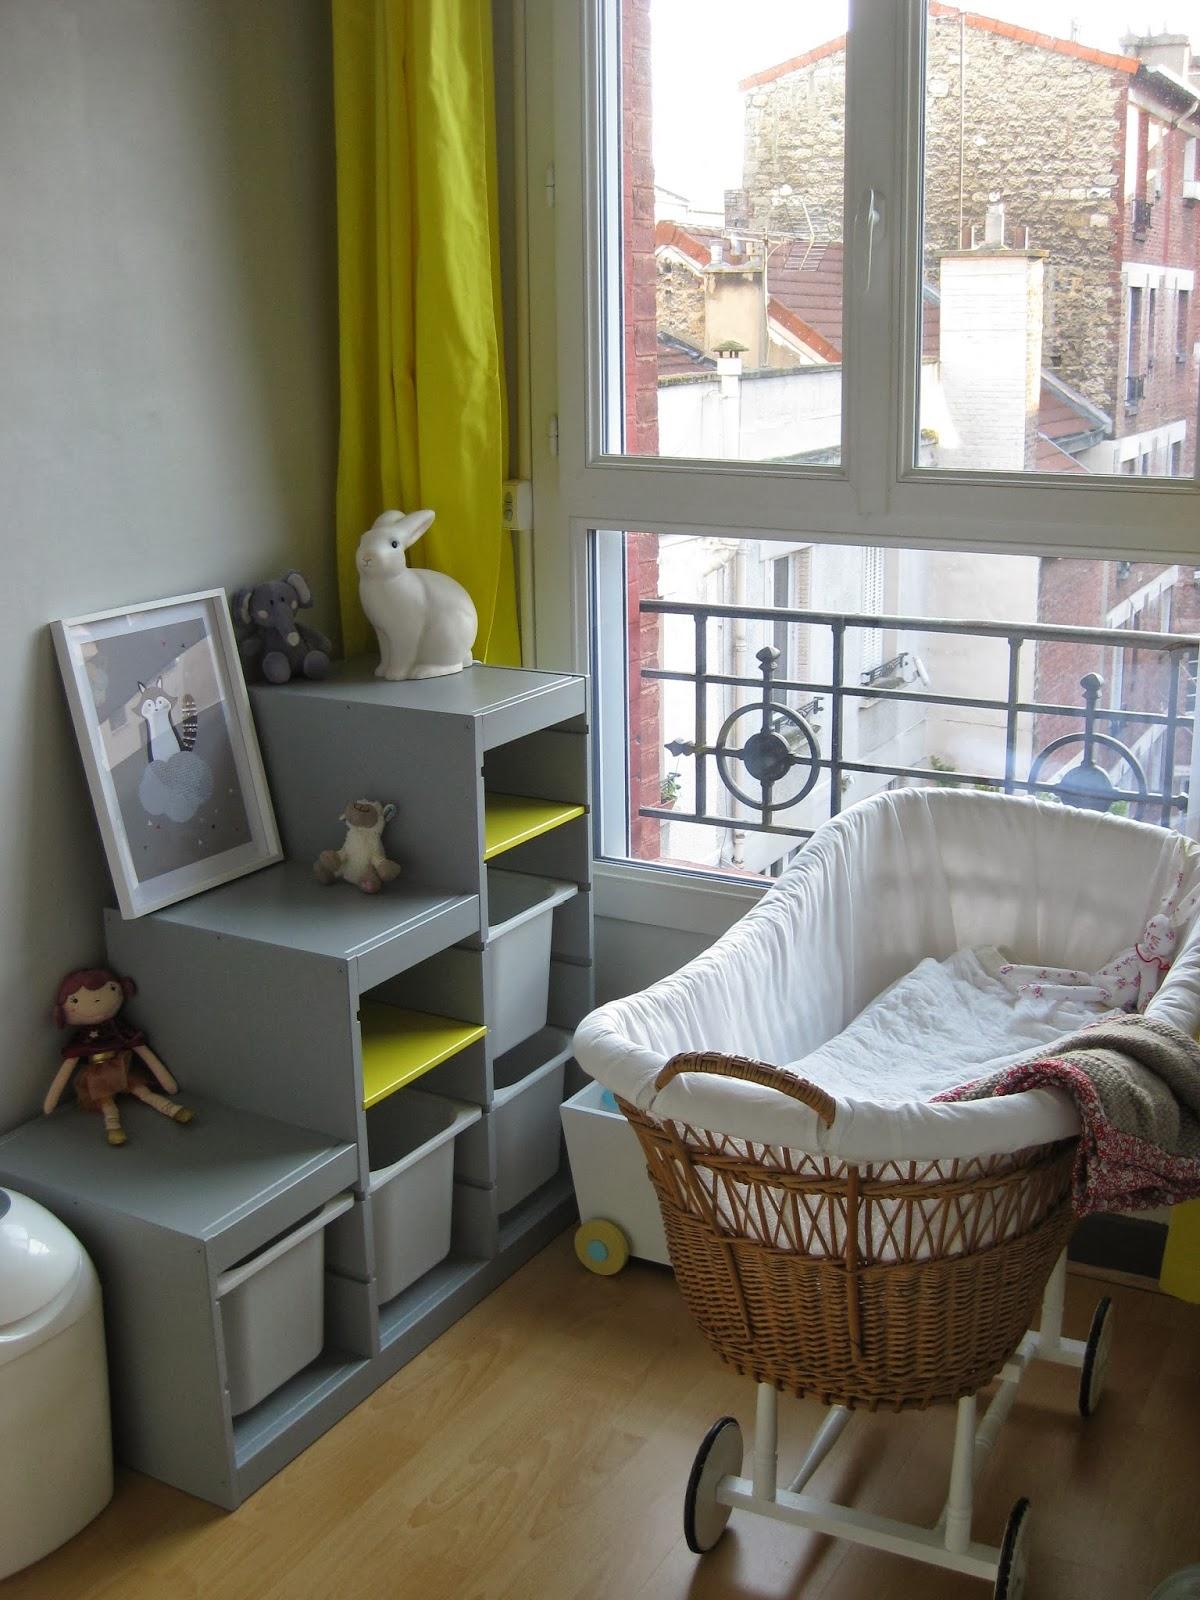 Brune pas prune: chambre de bébé jaune et grise terminée !